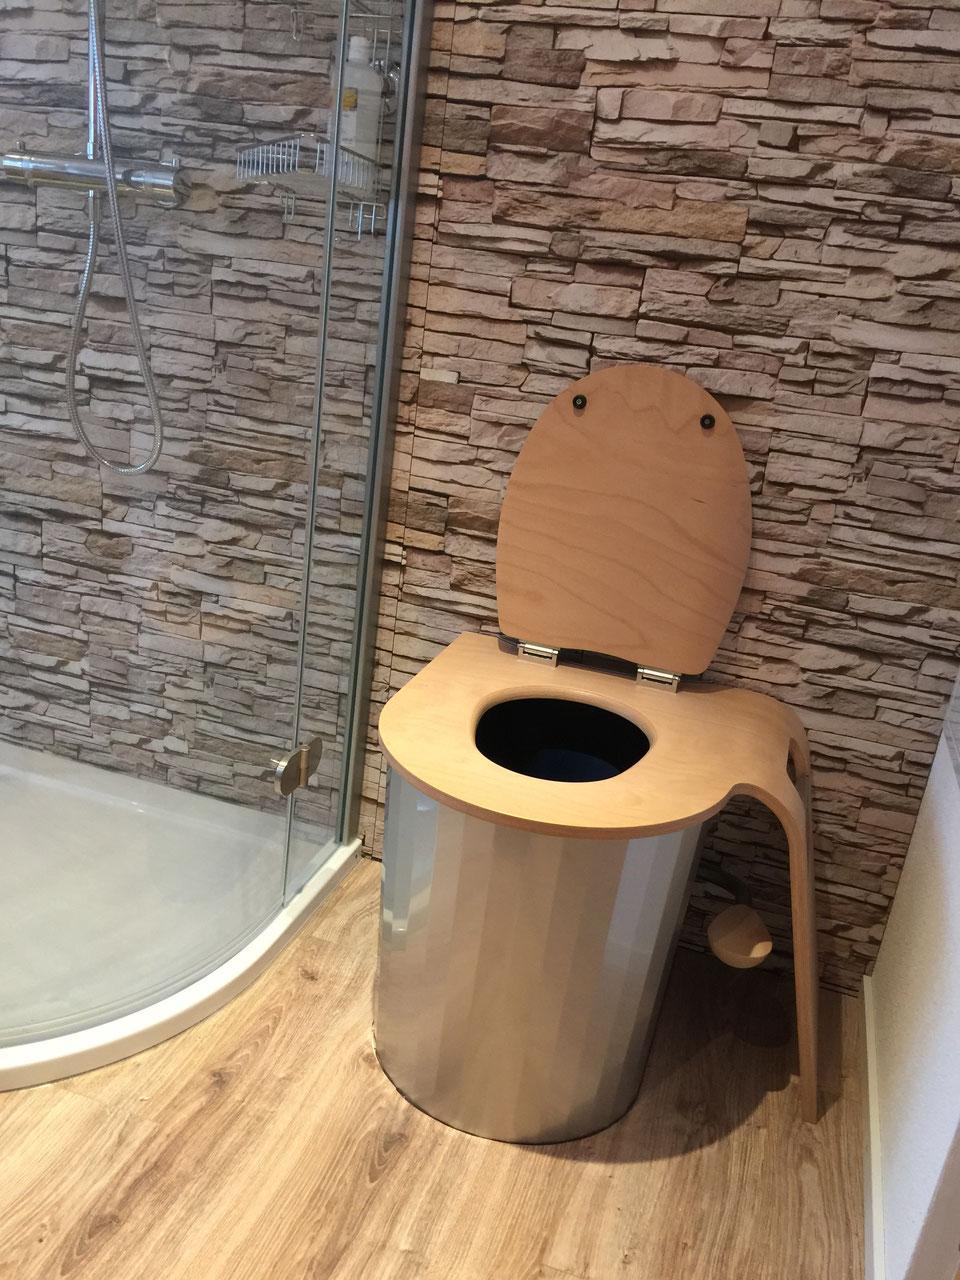 verkauf die revolution der toilette. Black Bedroom Furniture Sets. Home Design Ideas